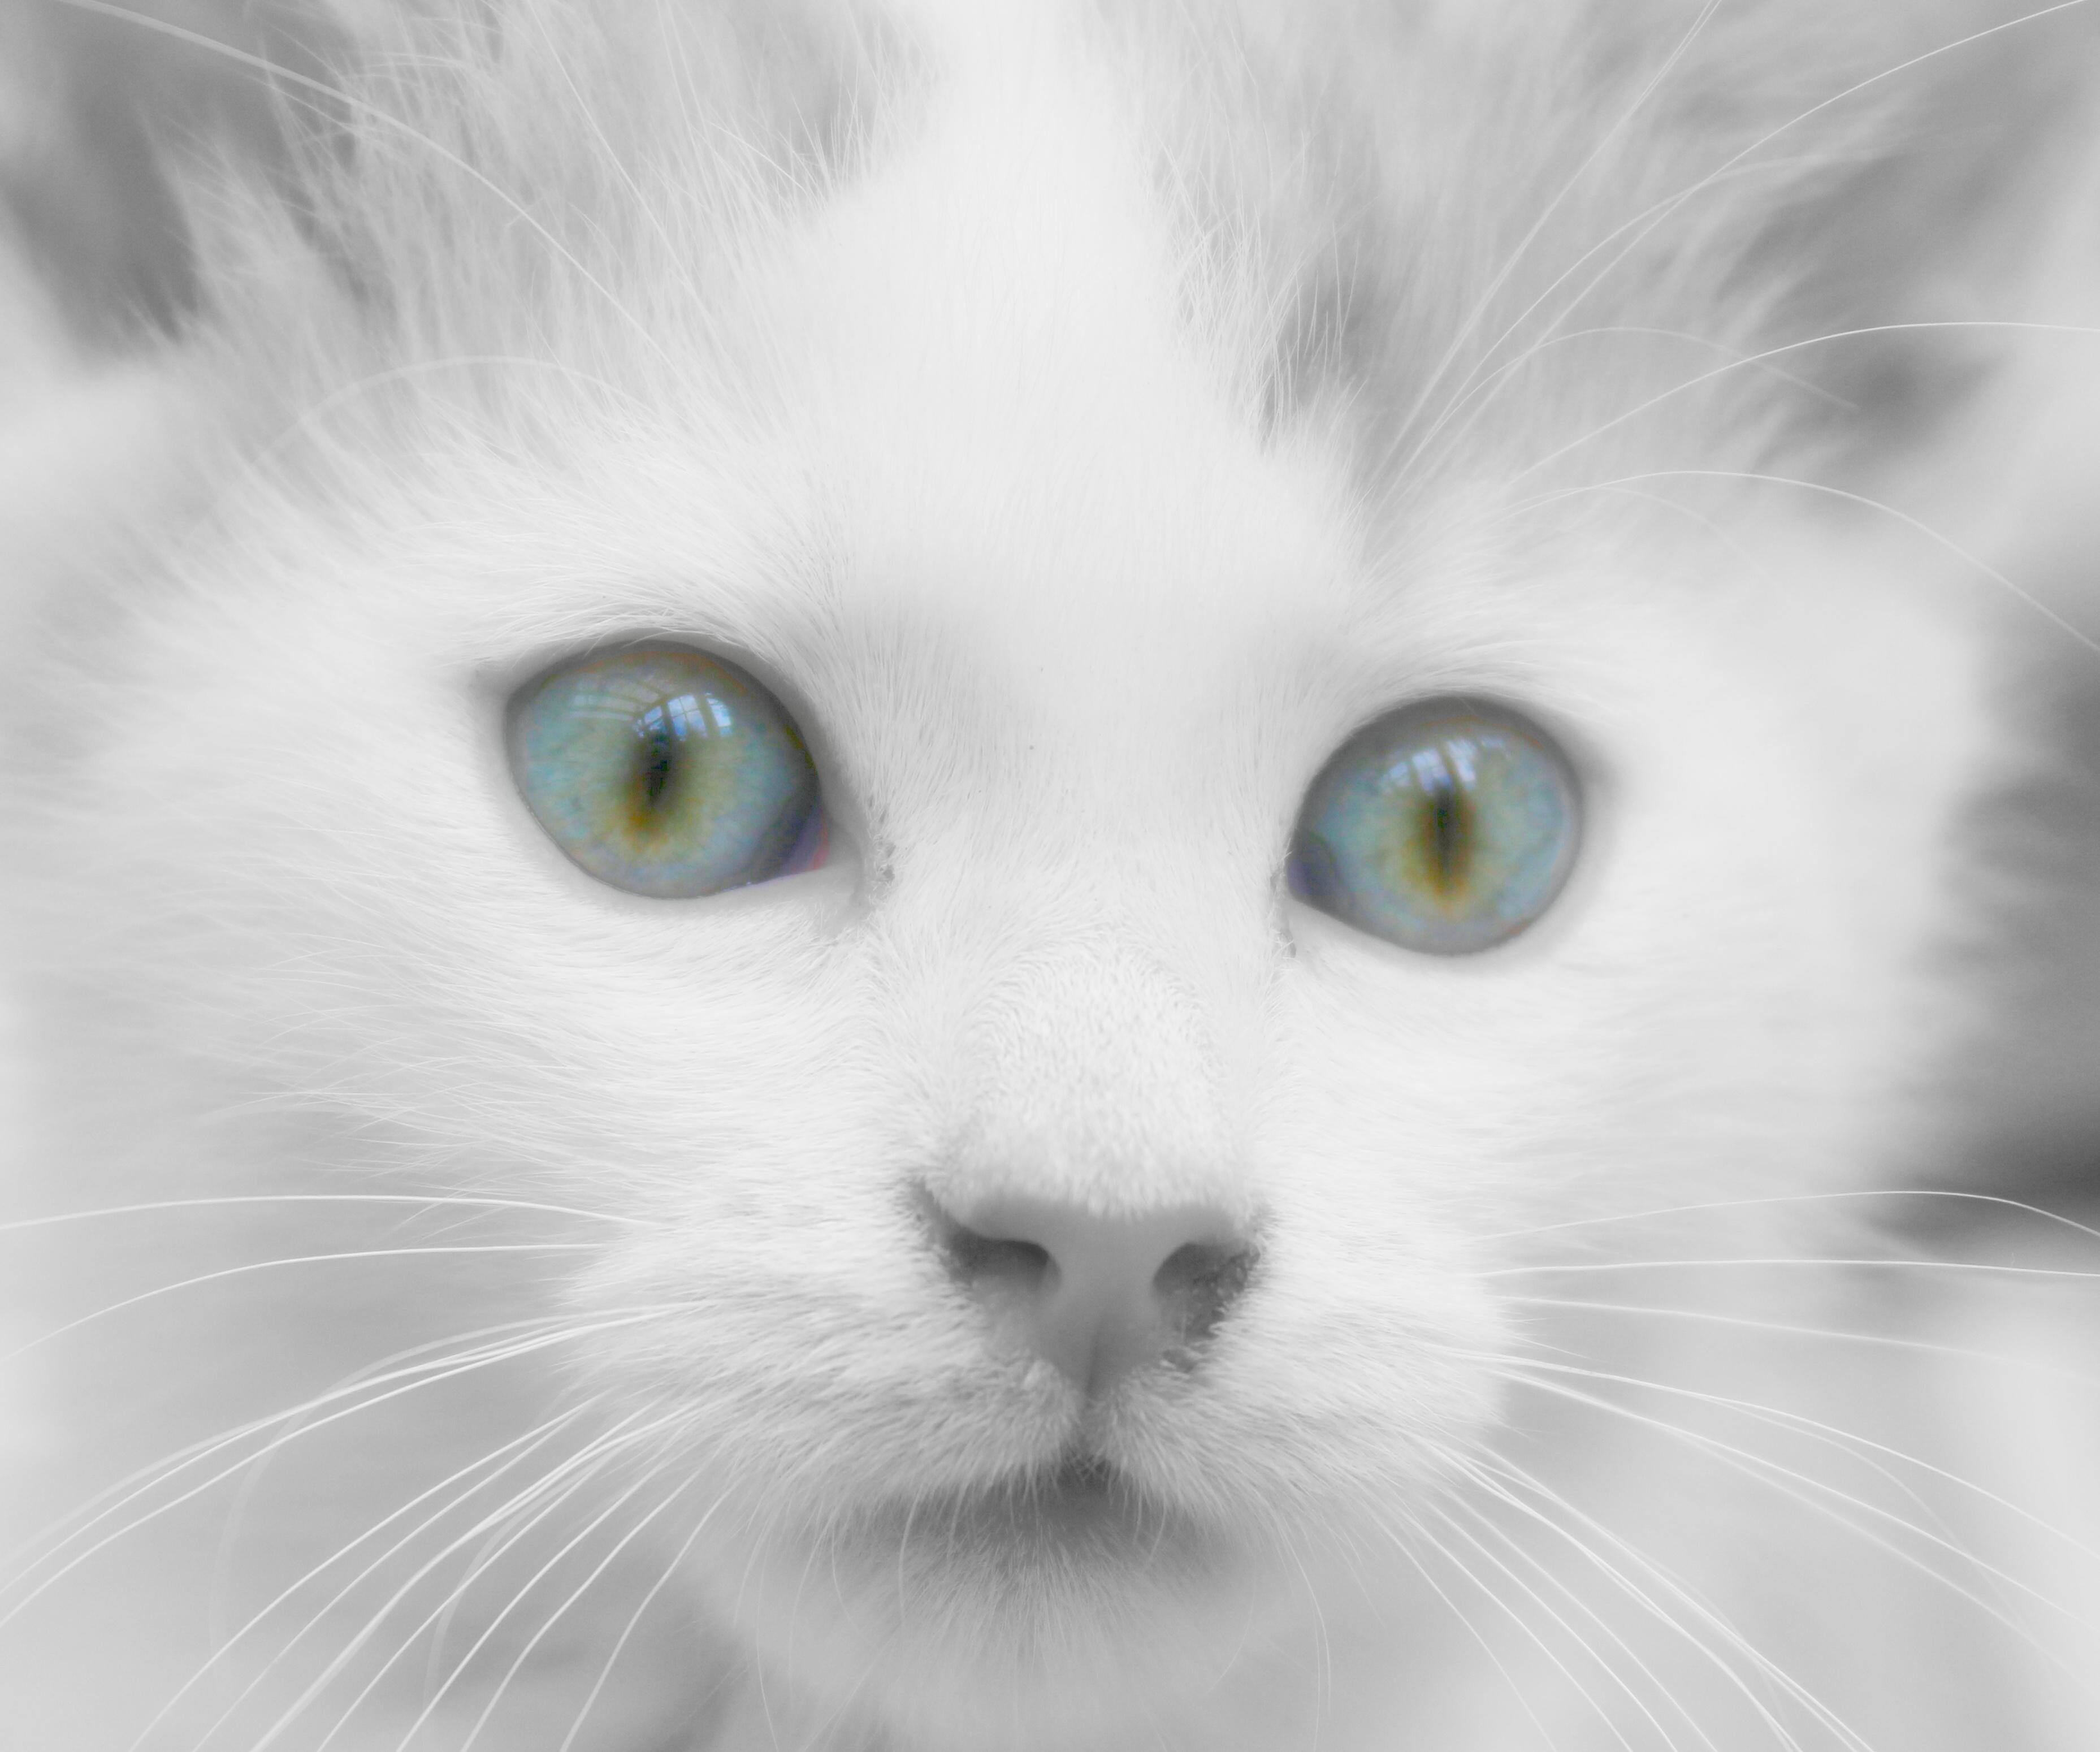 Картинки белых кошек с голубыми глазами